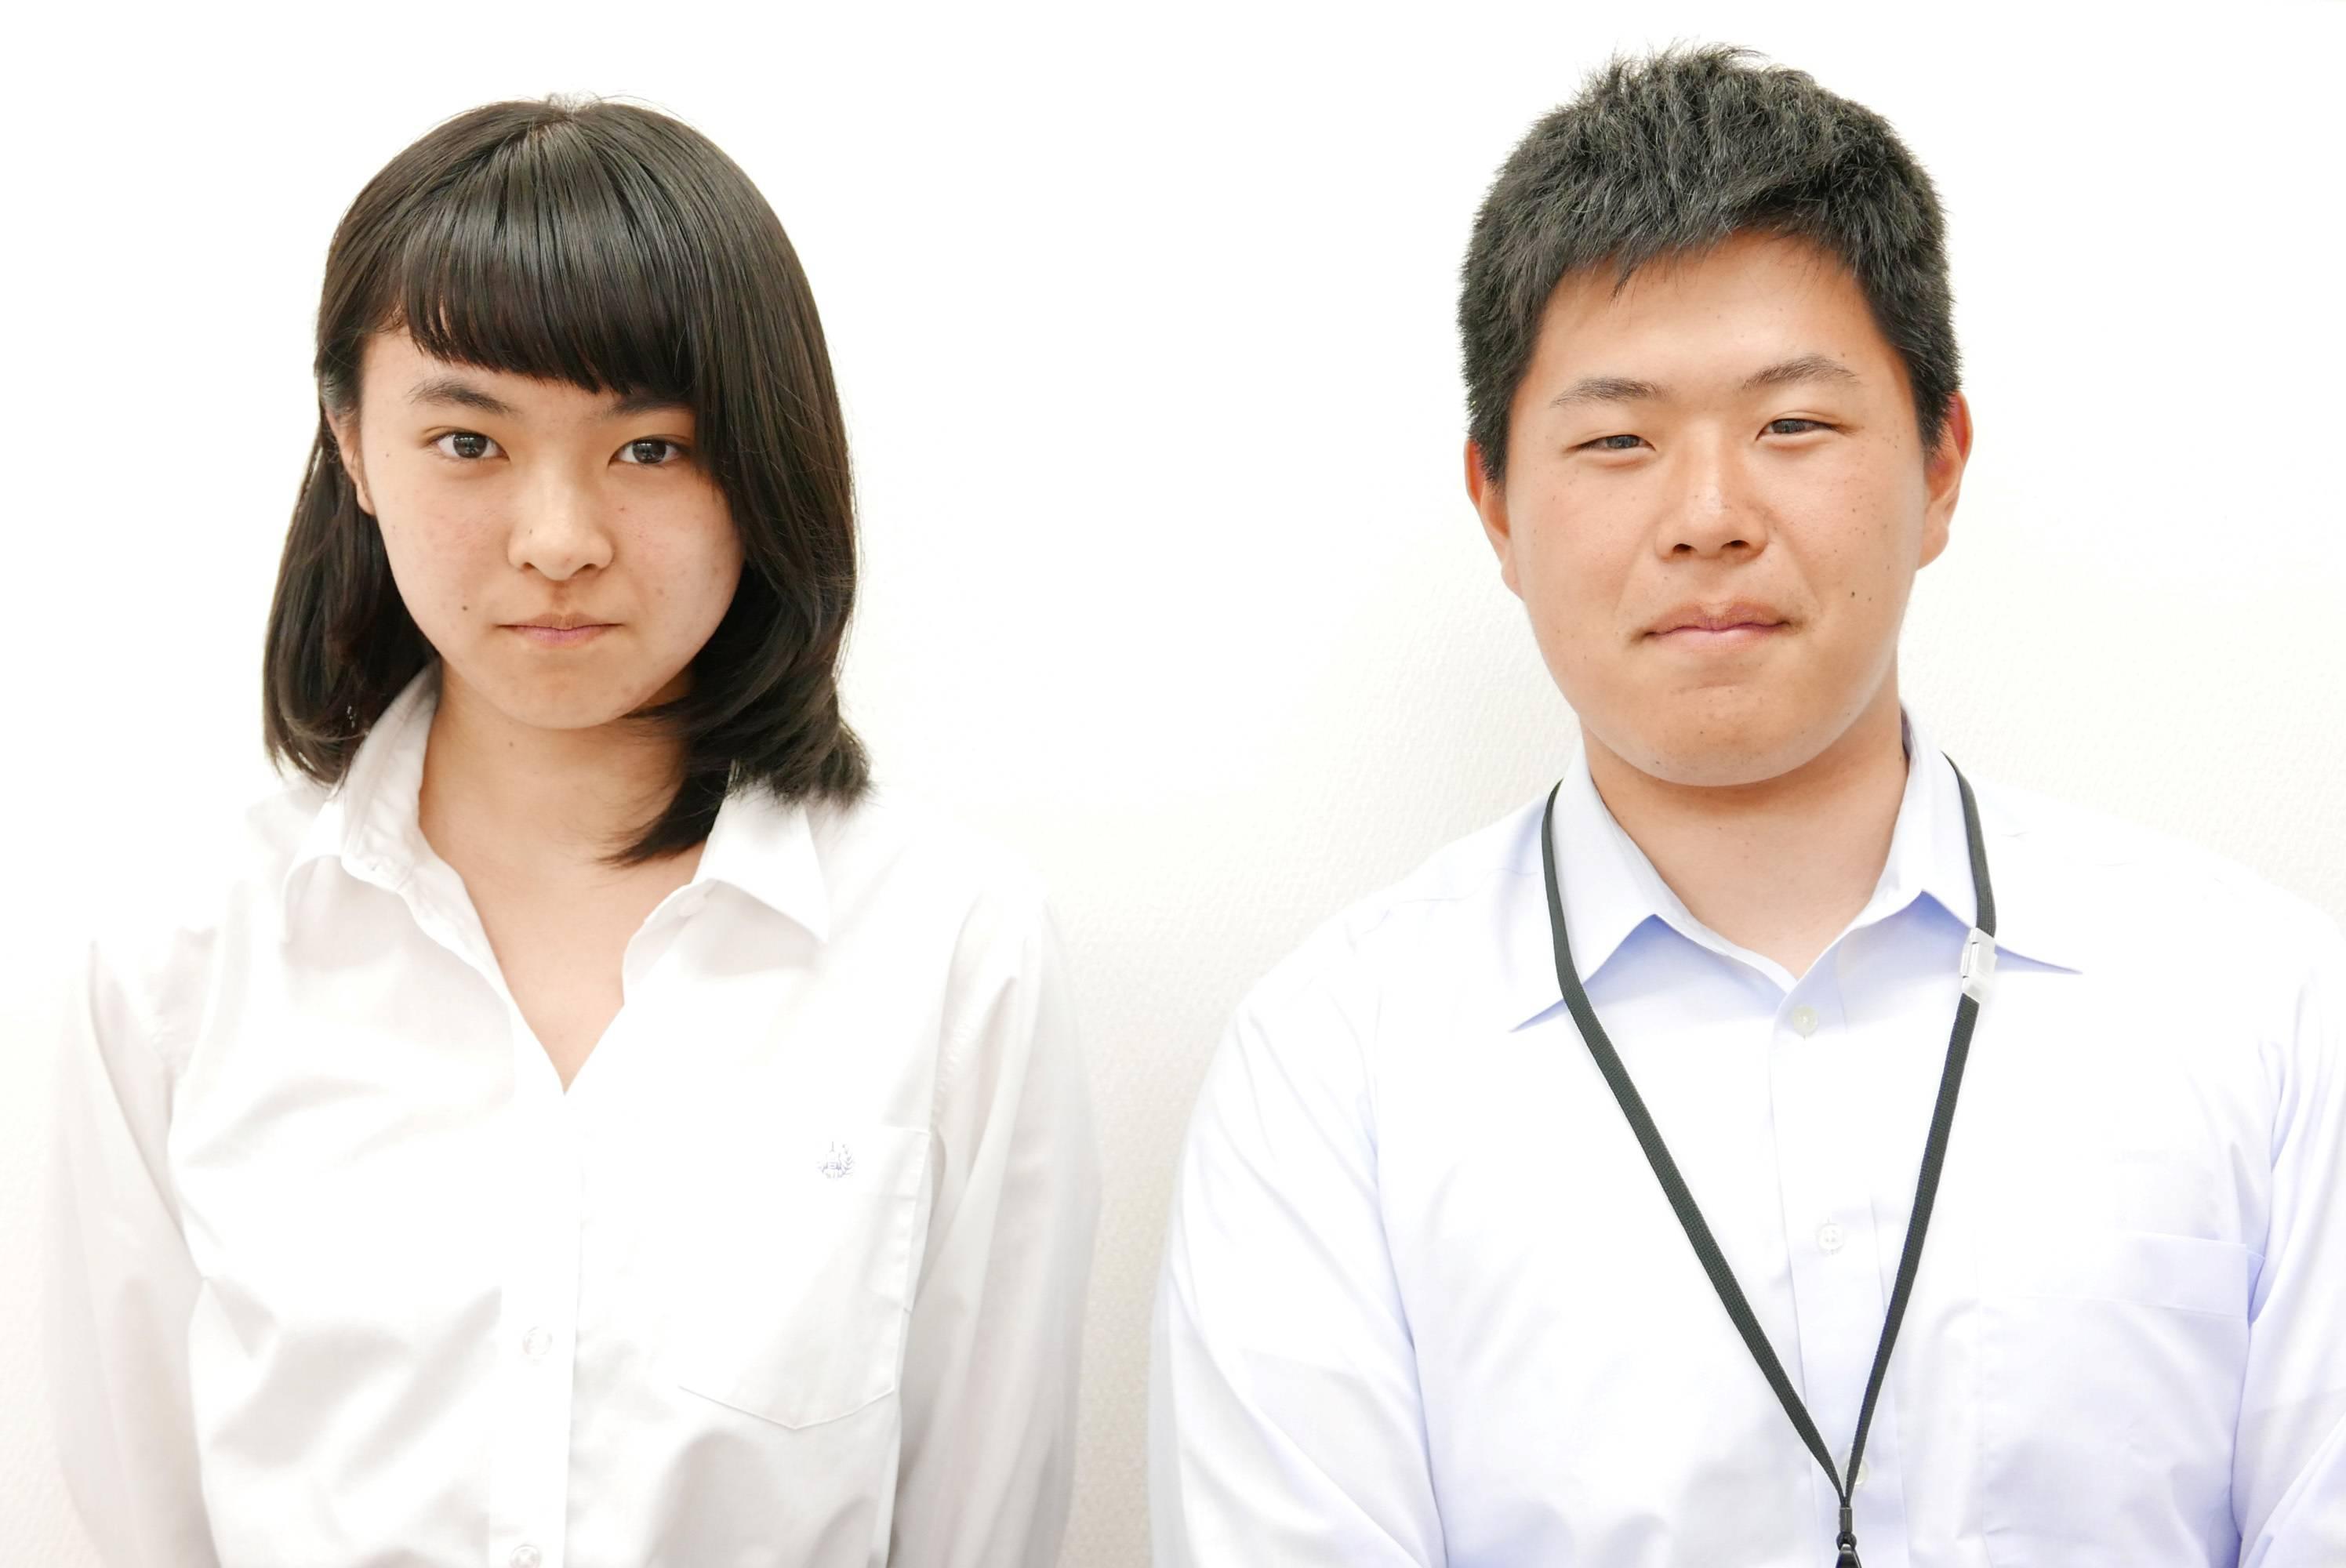 H29夏 高校2年 押木咲里奈さん 小松先生